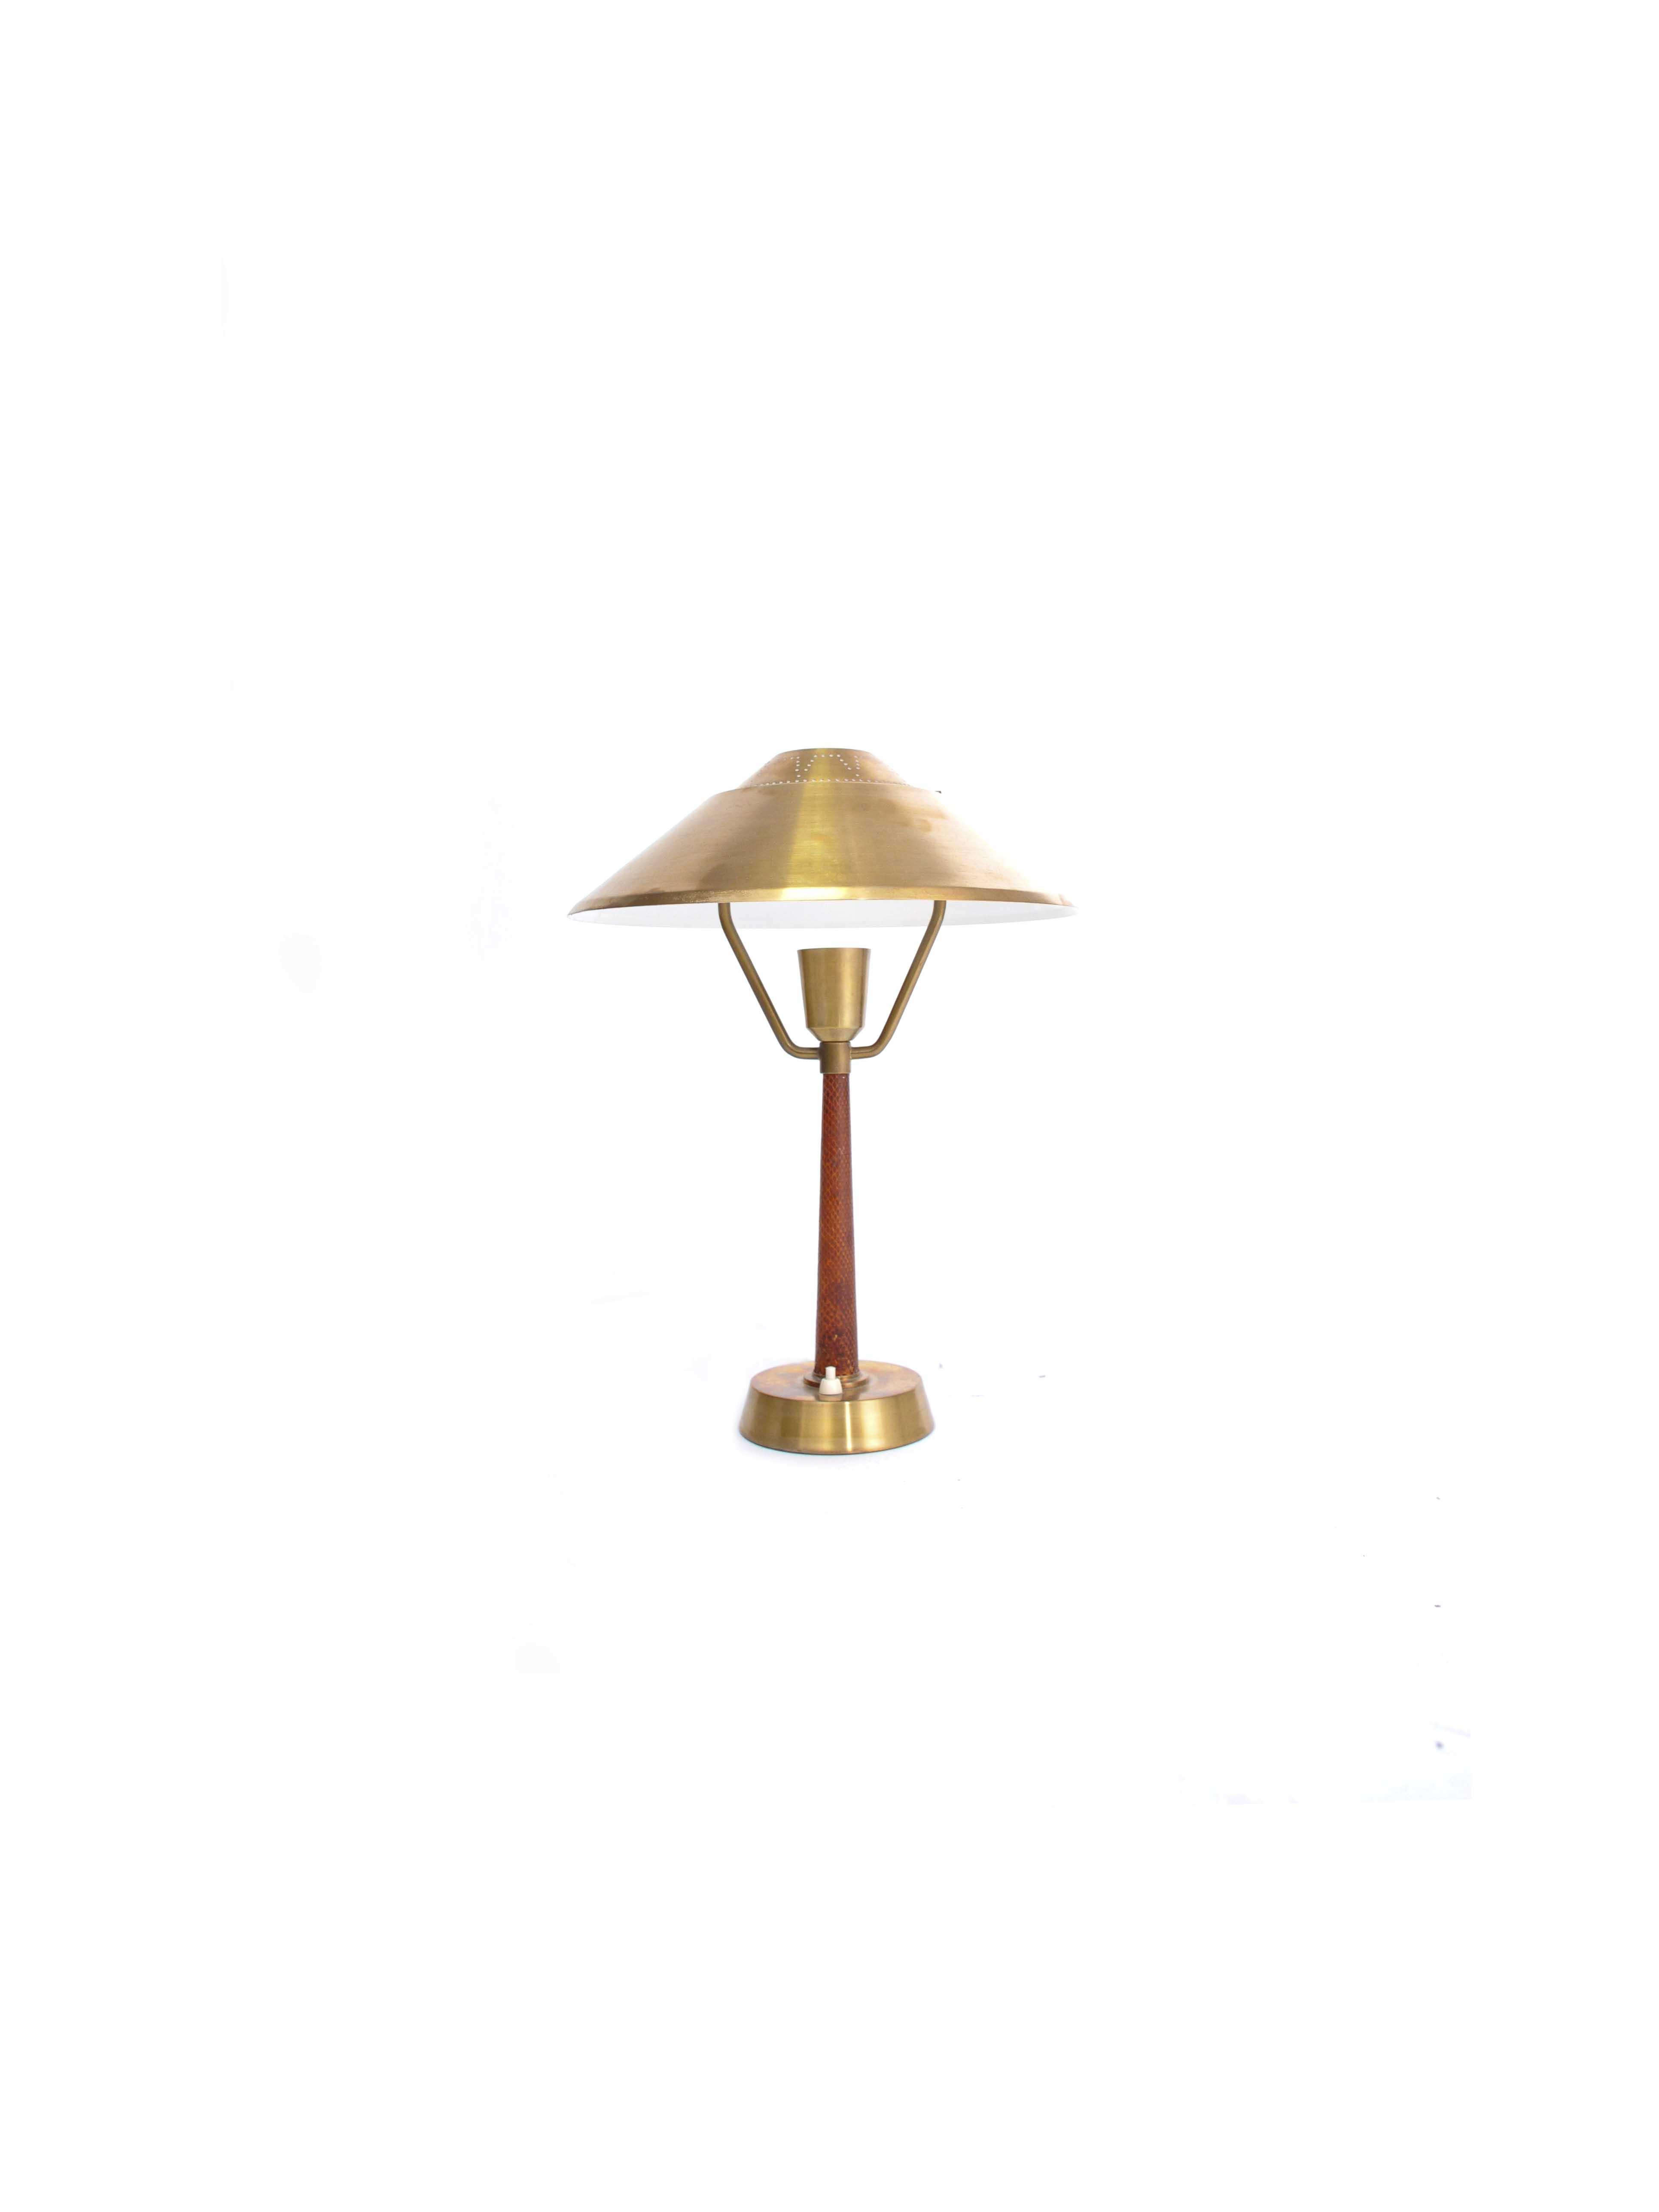 DESK LAMP BY AB E. HANSSON & CO